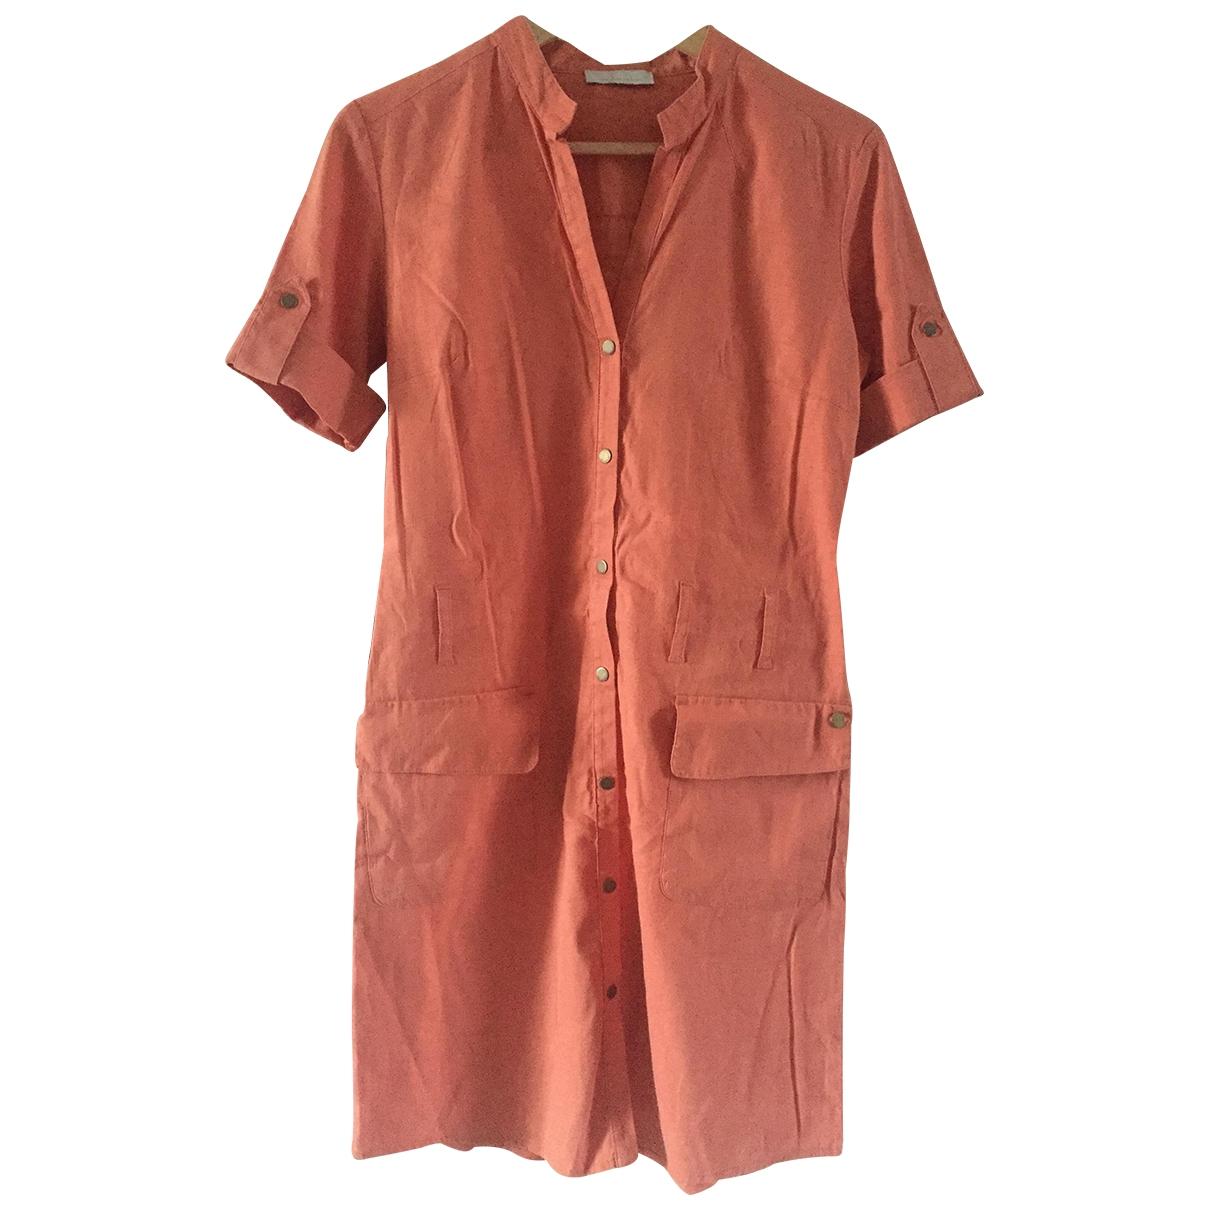 Ikks \N Orange Linen dress for Women 36 FR